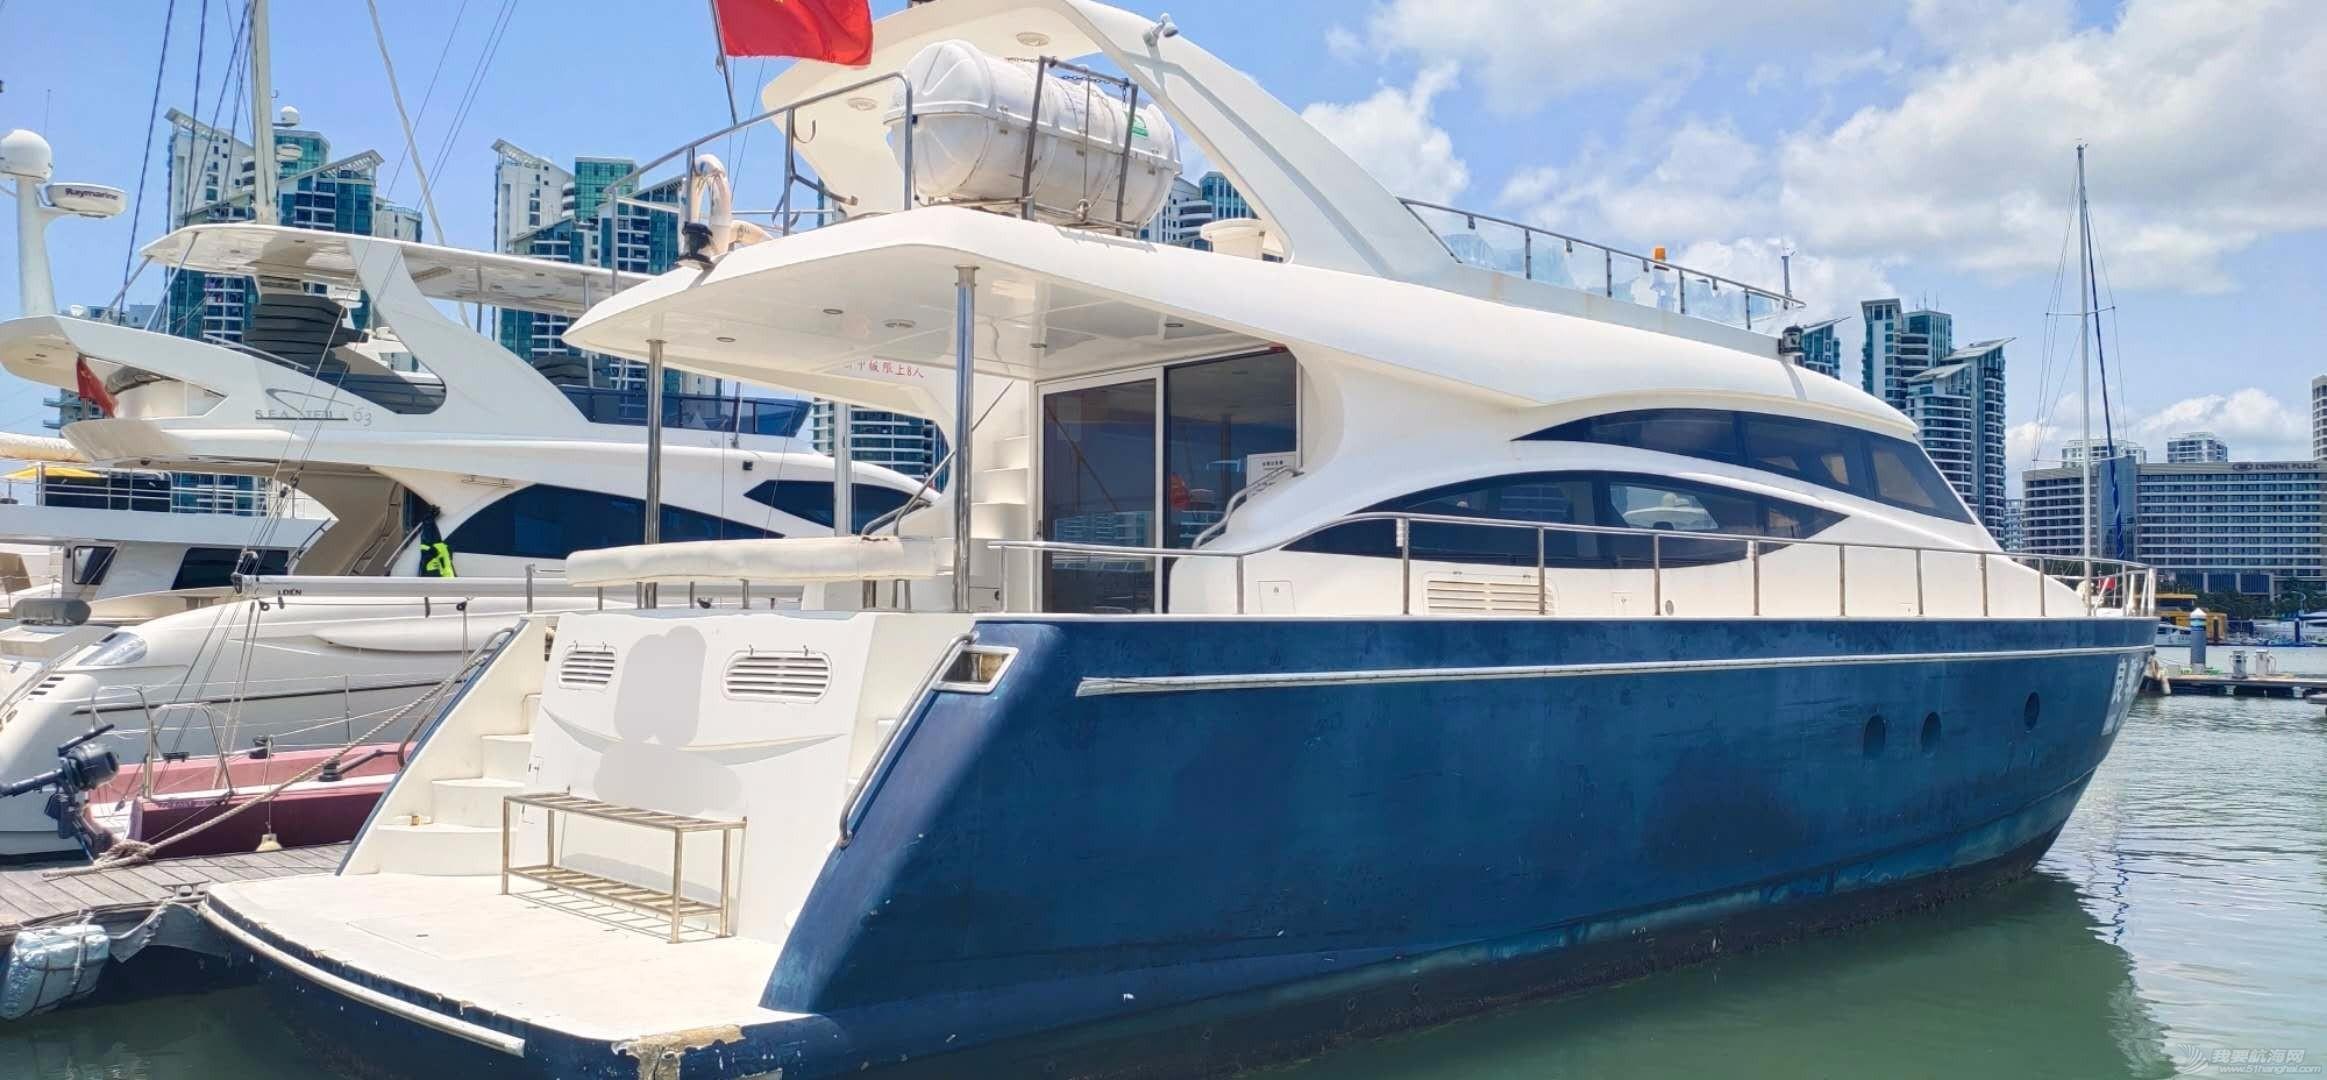 2011年五证齐全60呎海星飞桥游艇108万出售